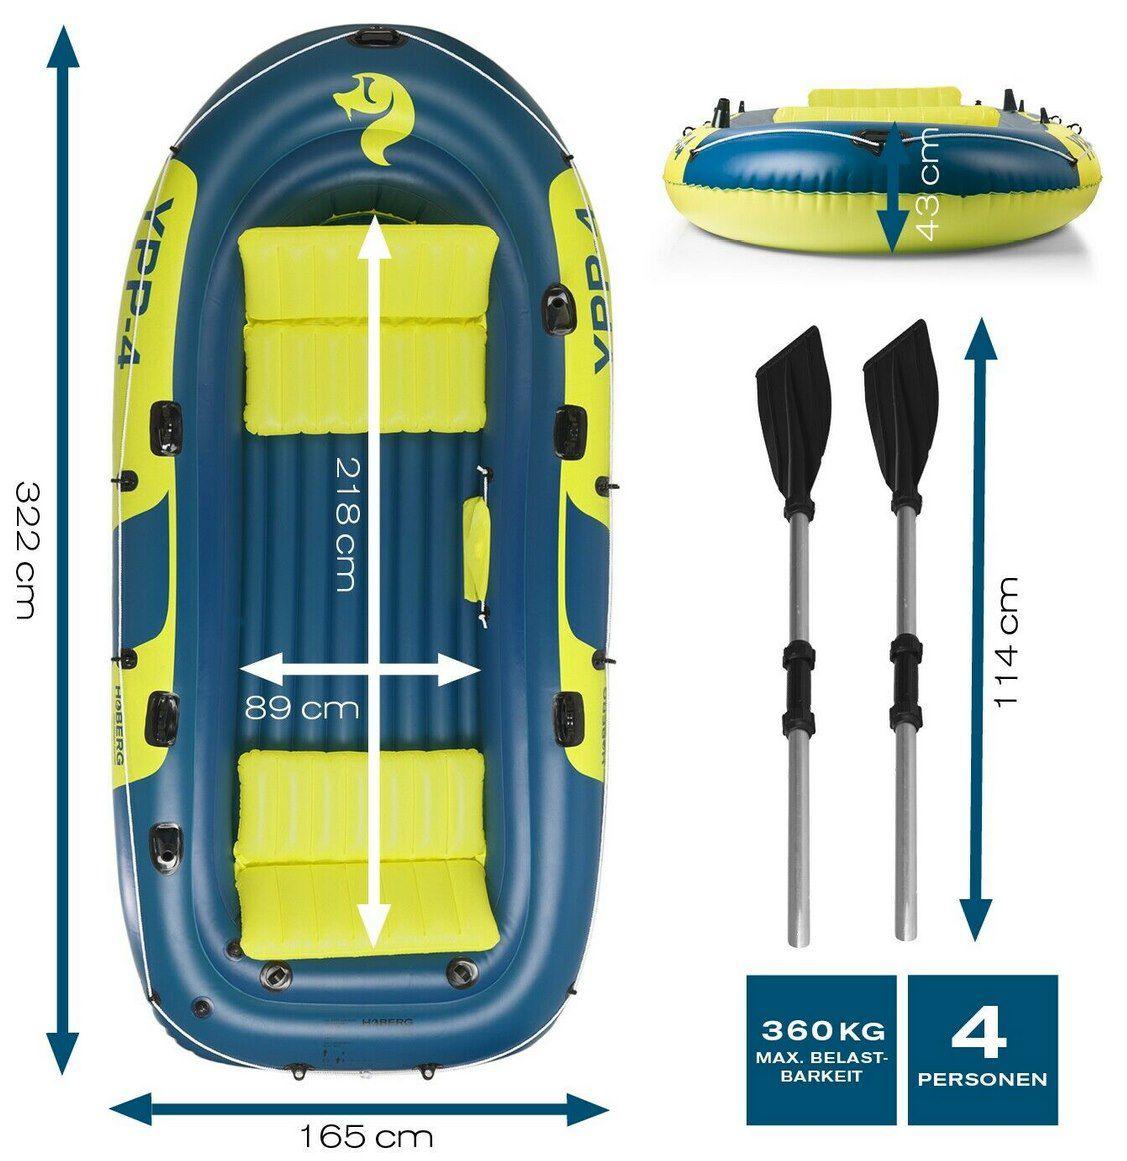 Hoberg Schlauchboot YPP 4 inkl. 2 Sitzbänken, 2 Paddel & Pumpe für 129,90€ (statt 170€)